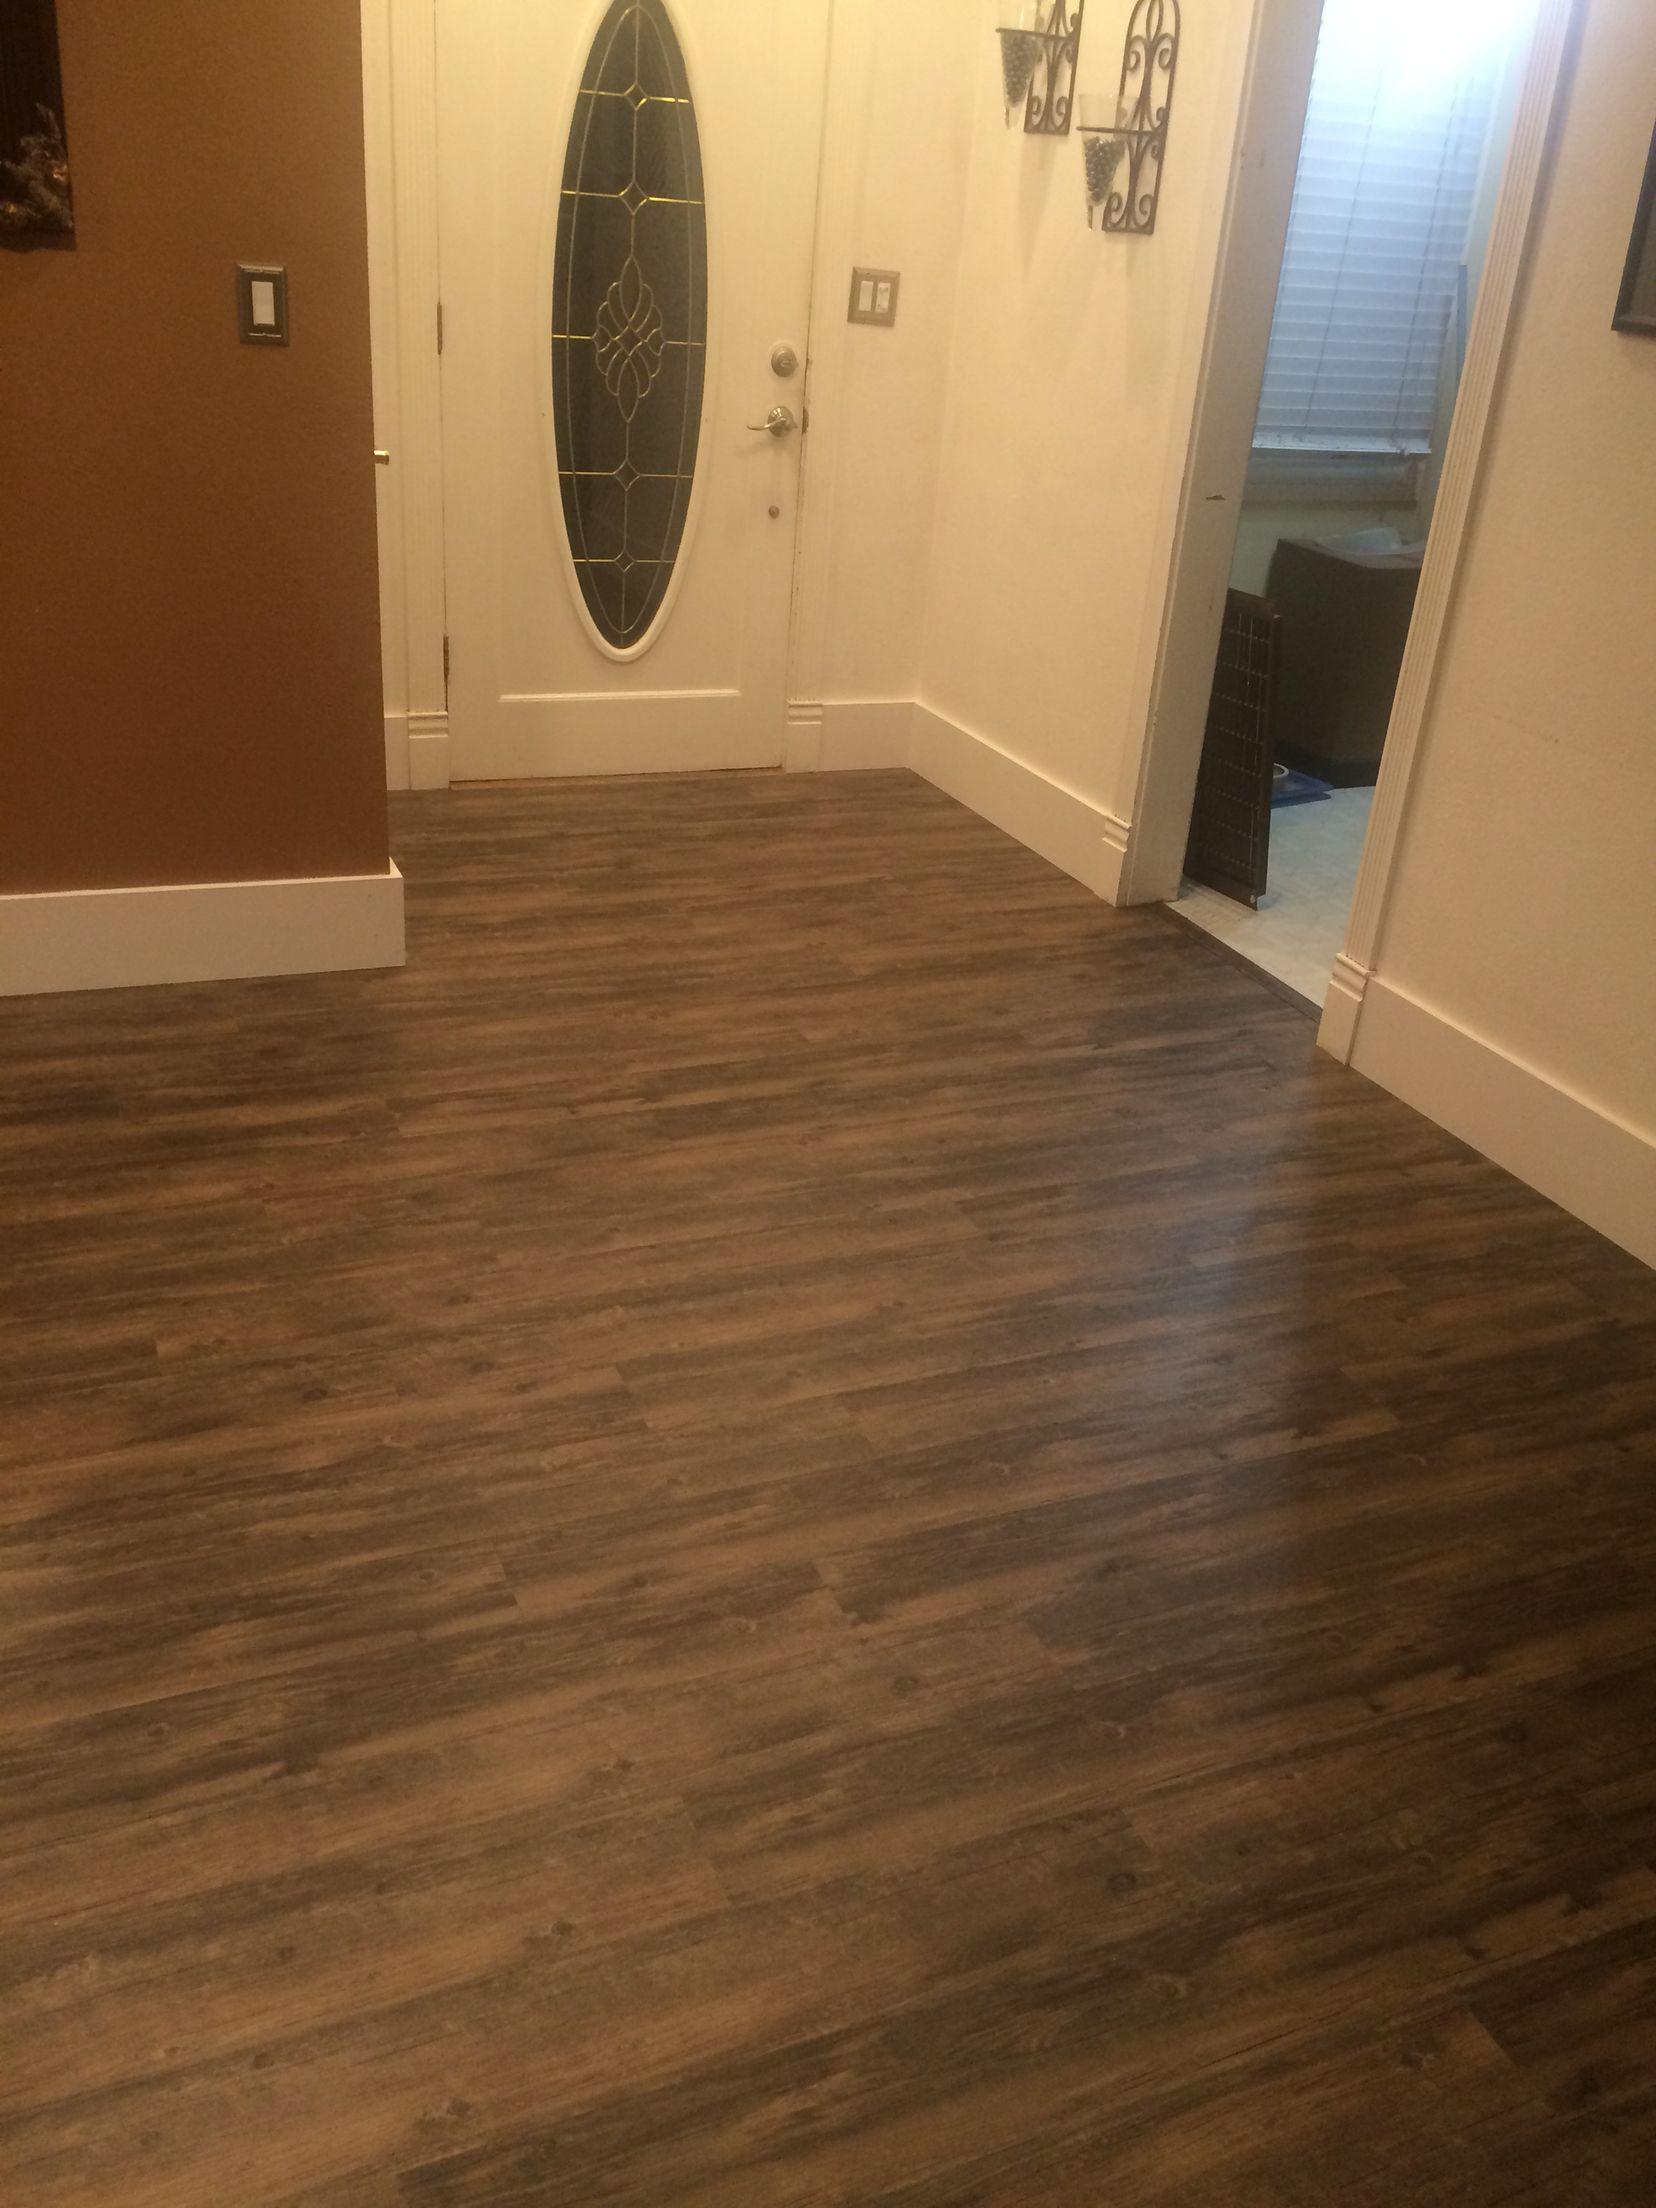 Waterproof Laminate Flooring. Laminate flooring is a great